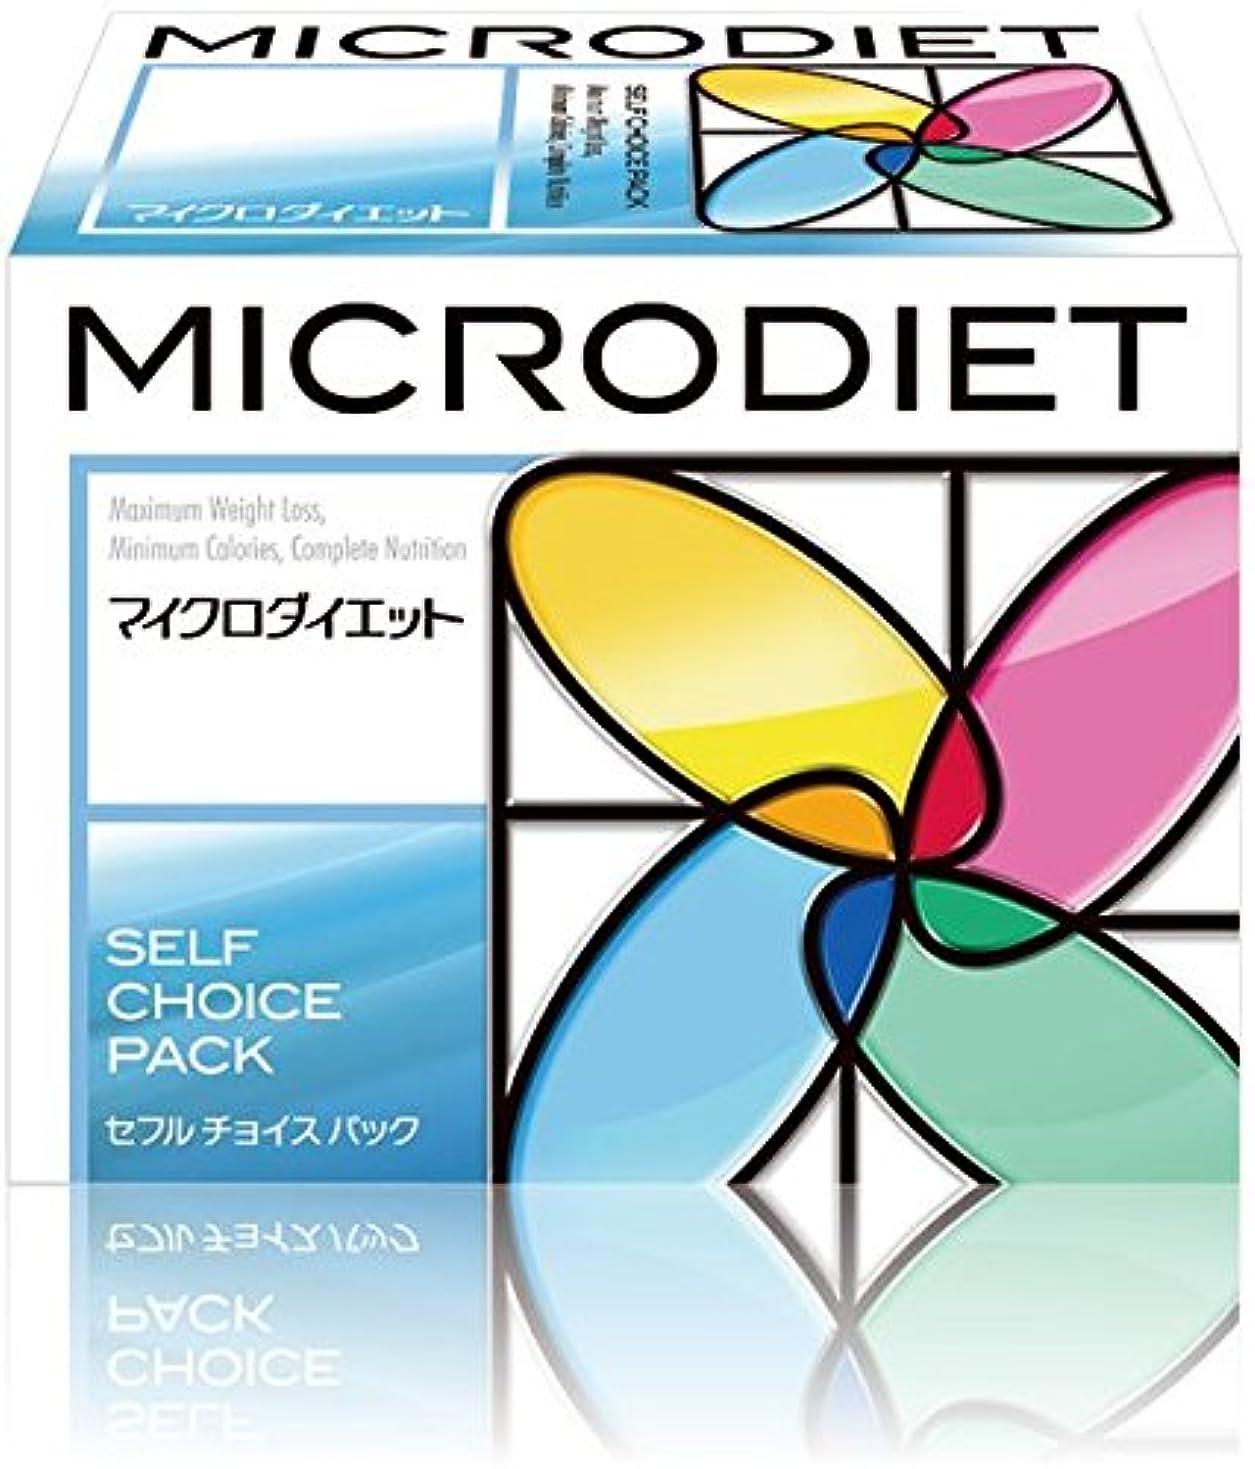 絡み合い通訳のマイクロダイエット セルフチョイスパック14食(07227)